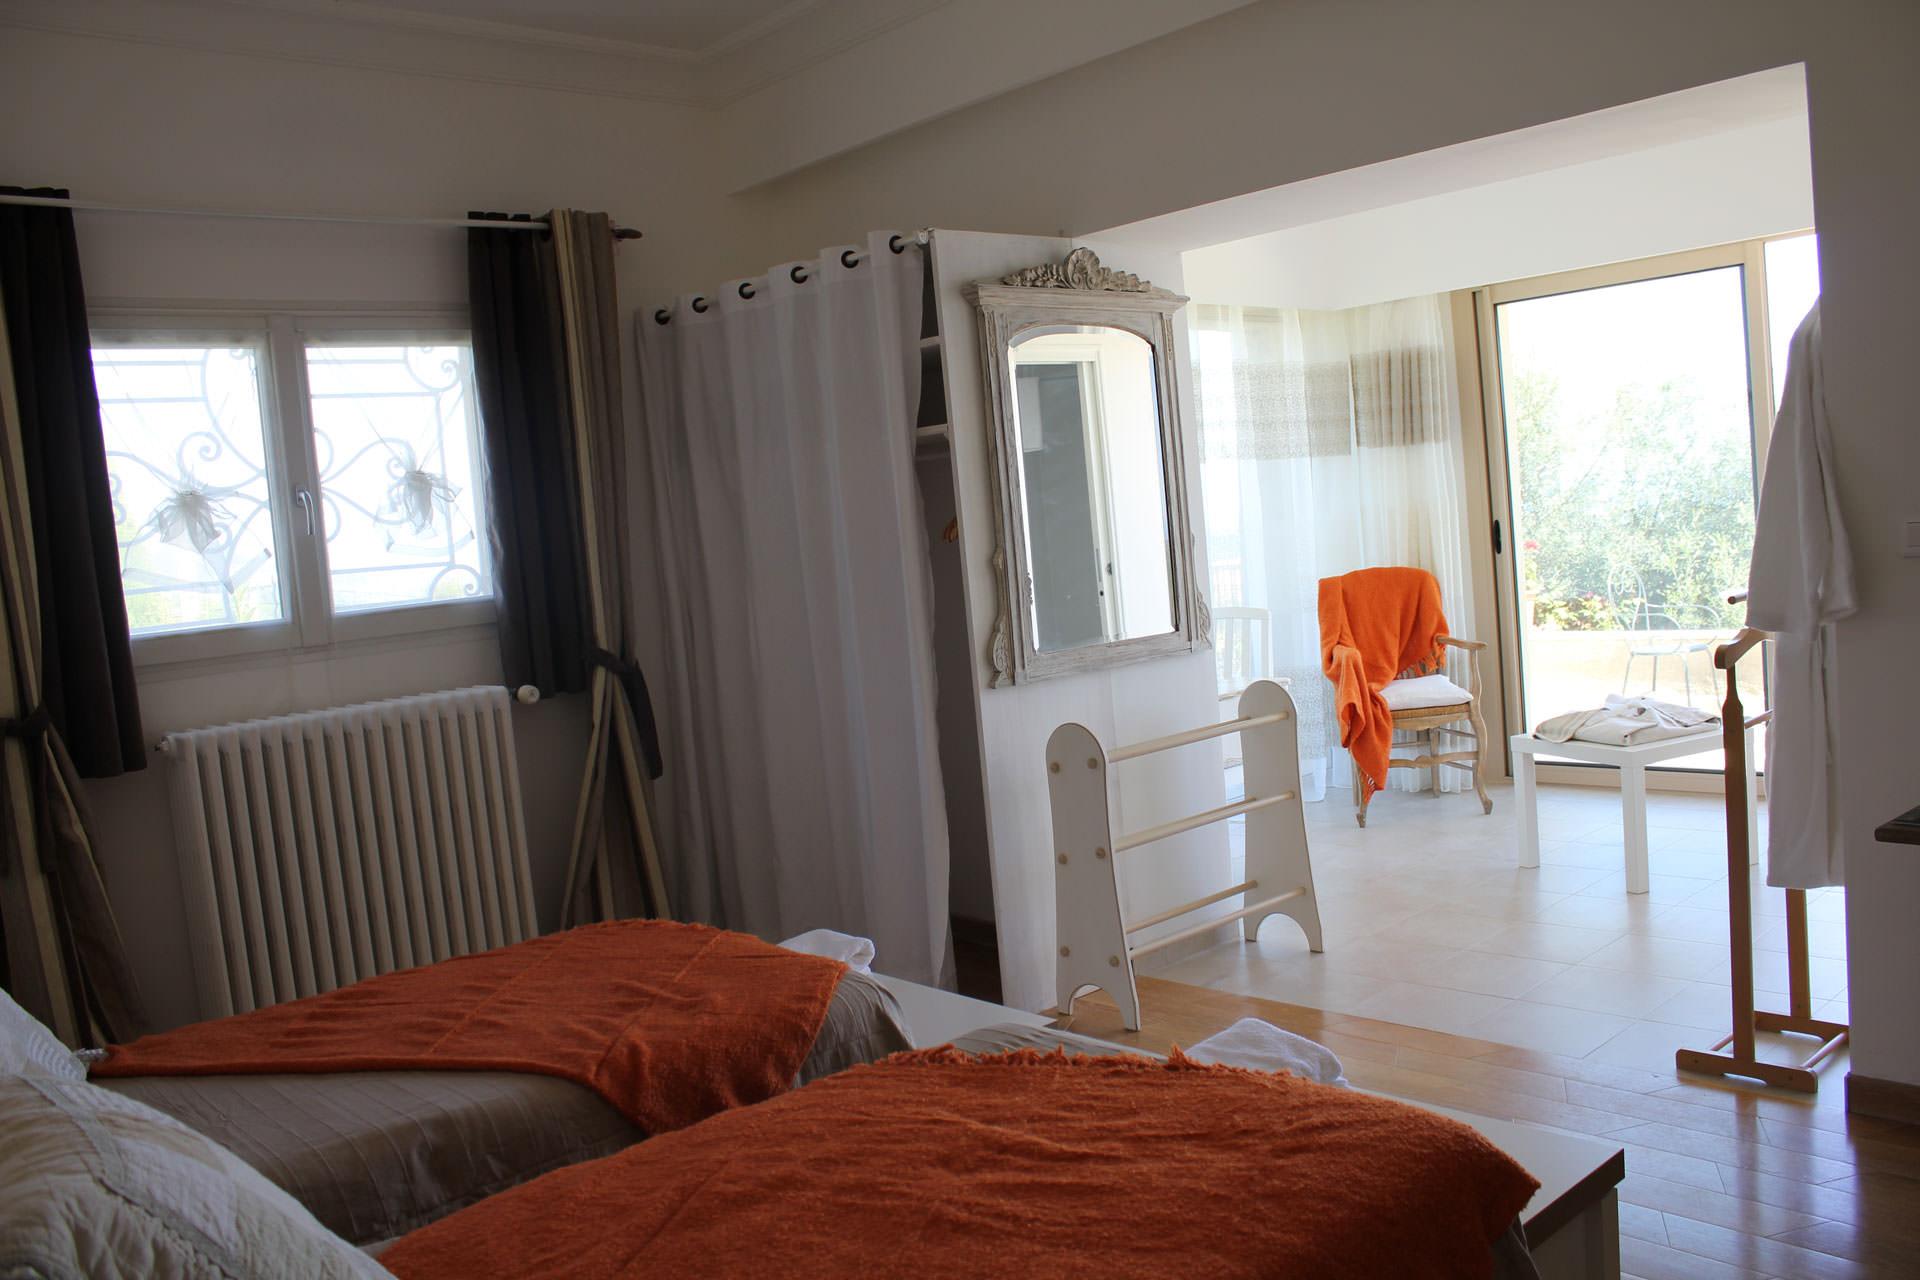 chambre d 39 h tes est rel proche de grasse c te d 39 azur. Black Bedroom Furniture Sets. Home Design Ideas